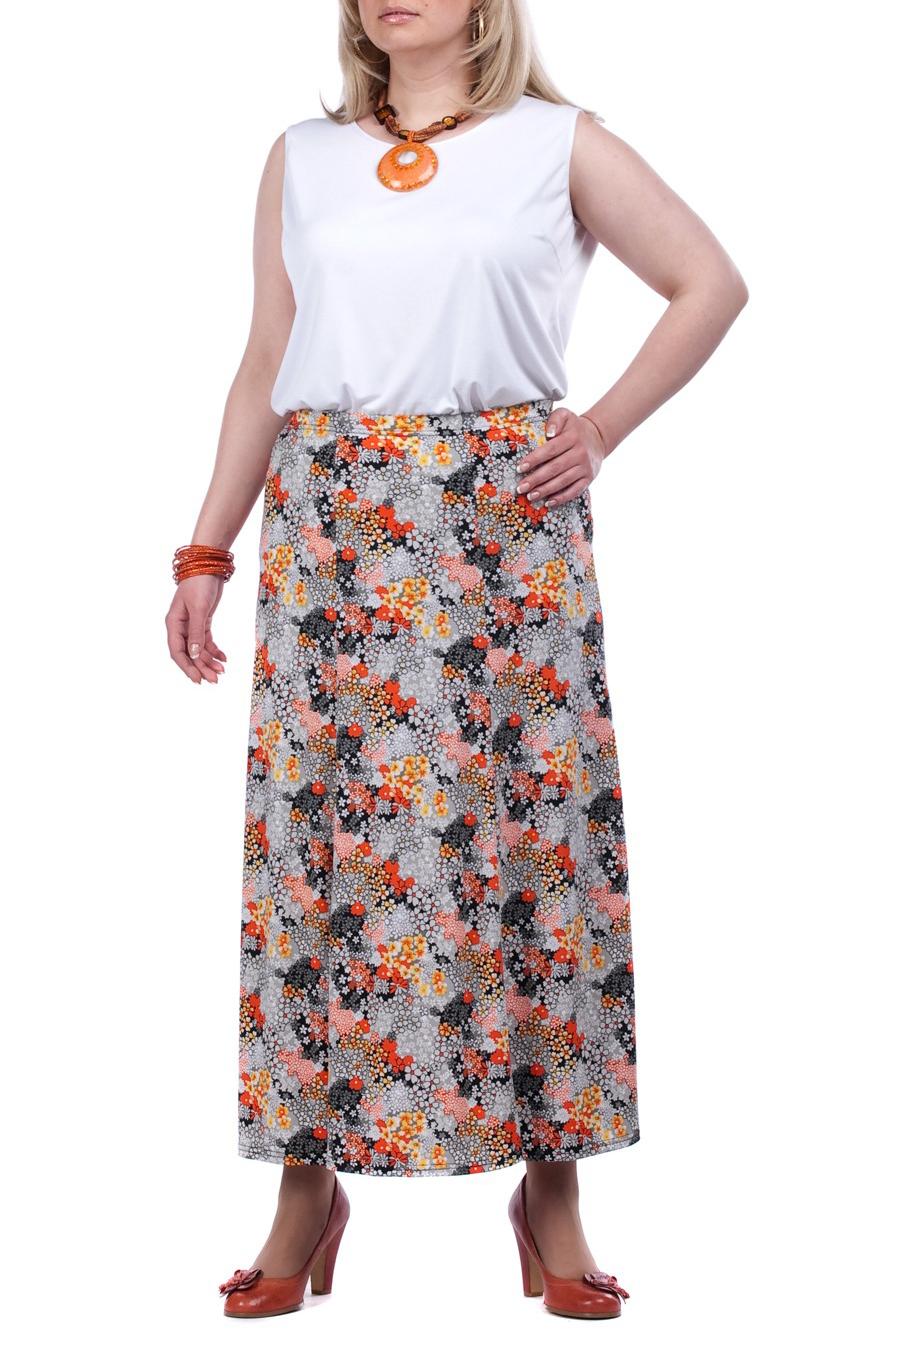 ЮбкаЮбки<br>Удлиненная женская юбка. Модель выполнена из приятного трикотжа. Отличный вариант для повседневного гардероба.  Цвет: серый, оранжевый  Рост девушки-фотомодели - 173 см<br><br>По длине: Миди<br>По рисунку: Абстракция,Цветные,С принтом<br>По сезону: Лето<br>По силуэту: Полуприталенные<br>По материалу: Трикотаж<br>По стилю: Летний стиль,Повседневный стиль<br>Размер : 62<br>Материал: Холодное масло<br>Количество в наличии: 1